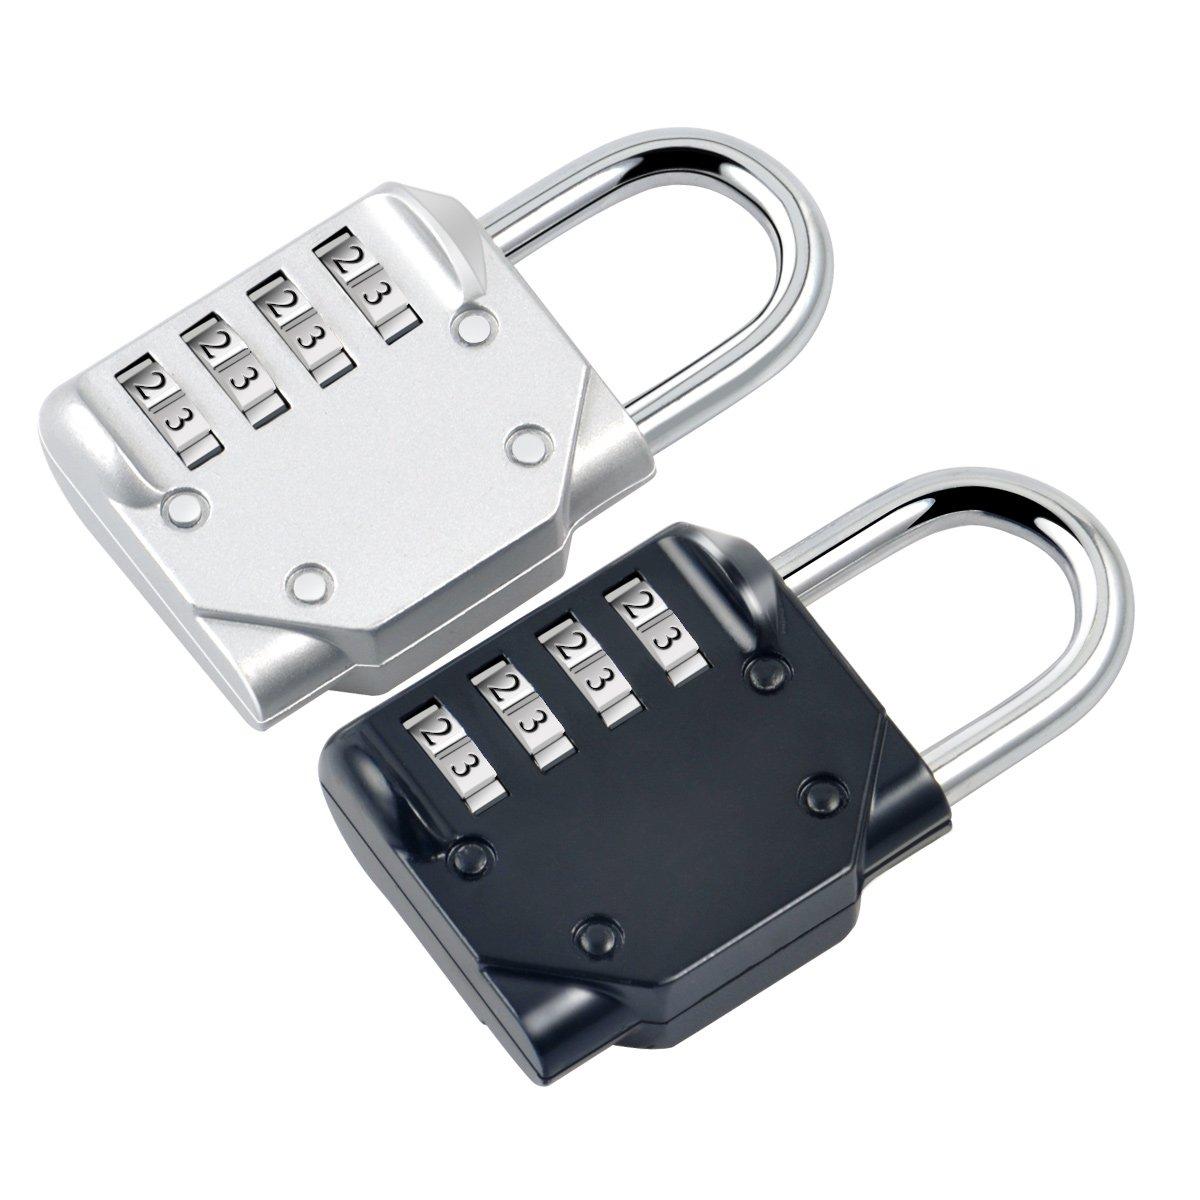 Blingco Cerradura de la Combinación, Sistema del Candado de 4 Dígitos, Candado de la Seguridad para las Puertas de la Escuela, Puerta del Gym, Recorrido al ...